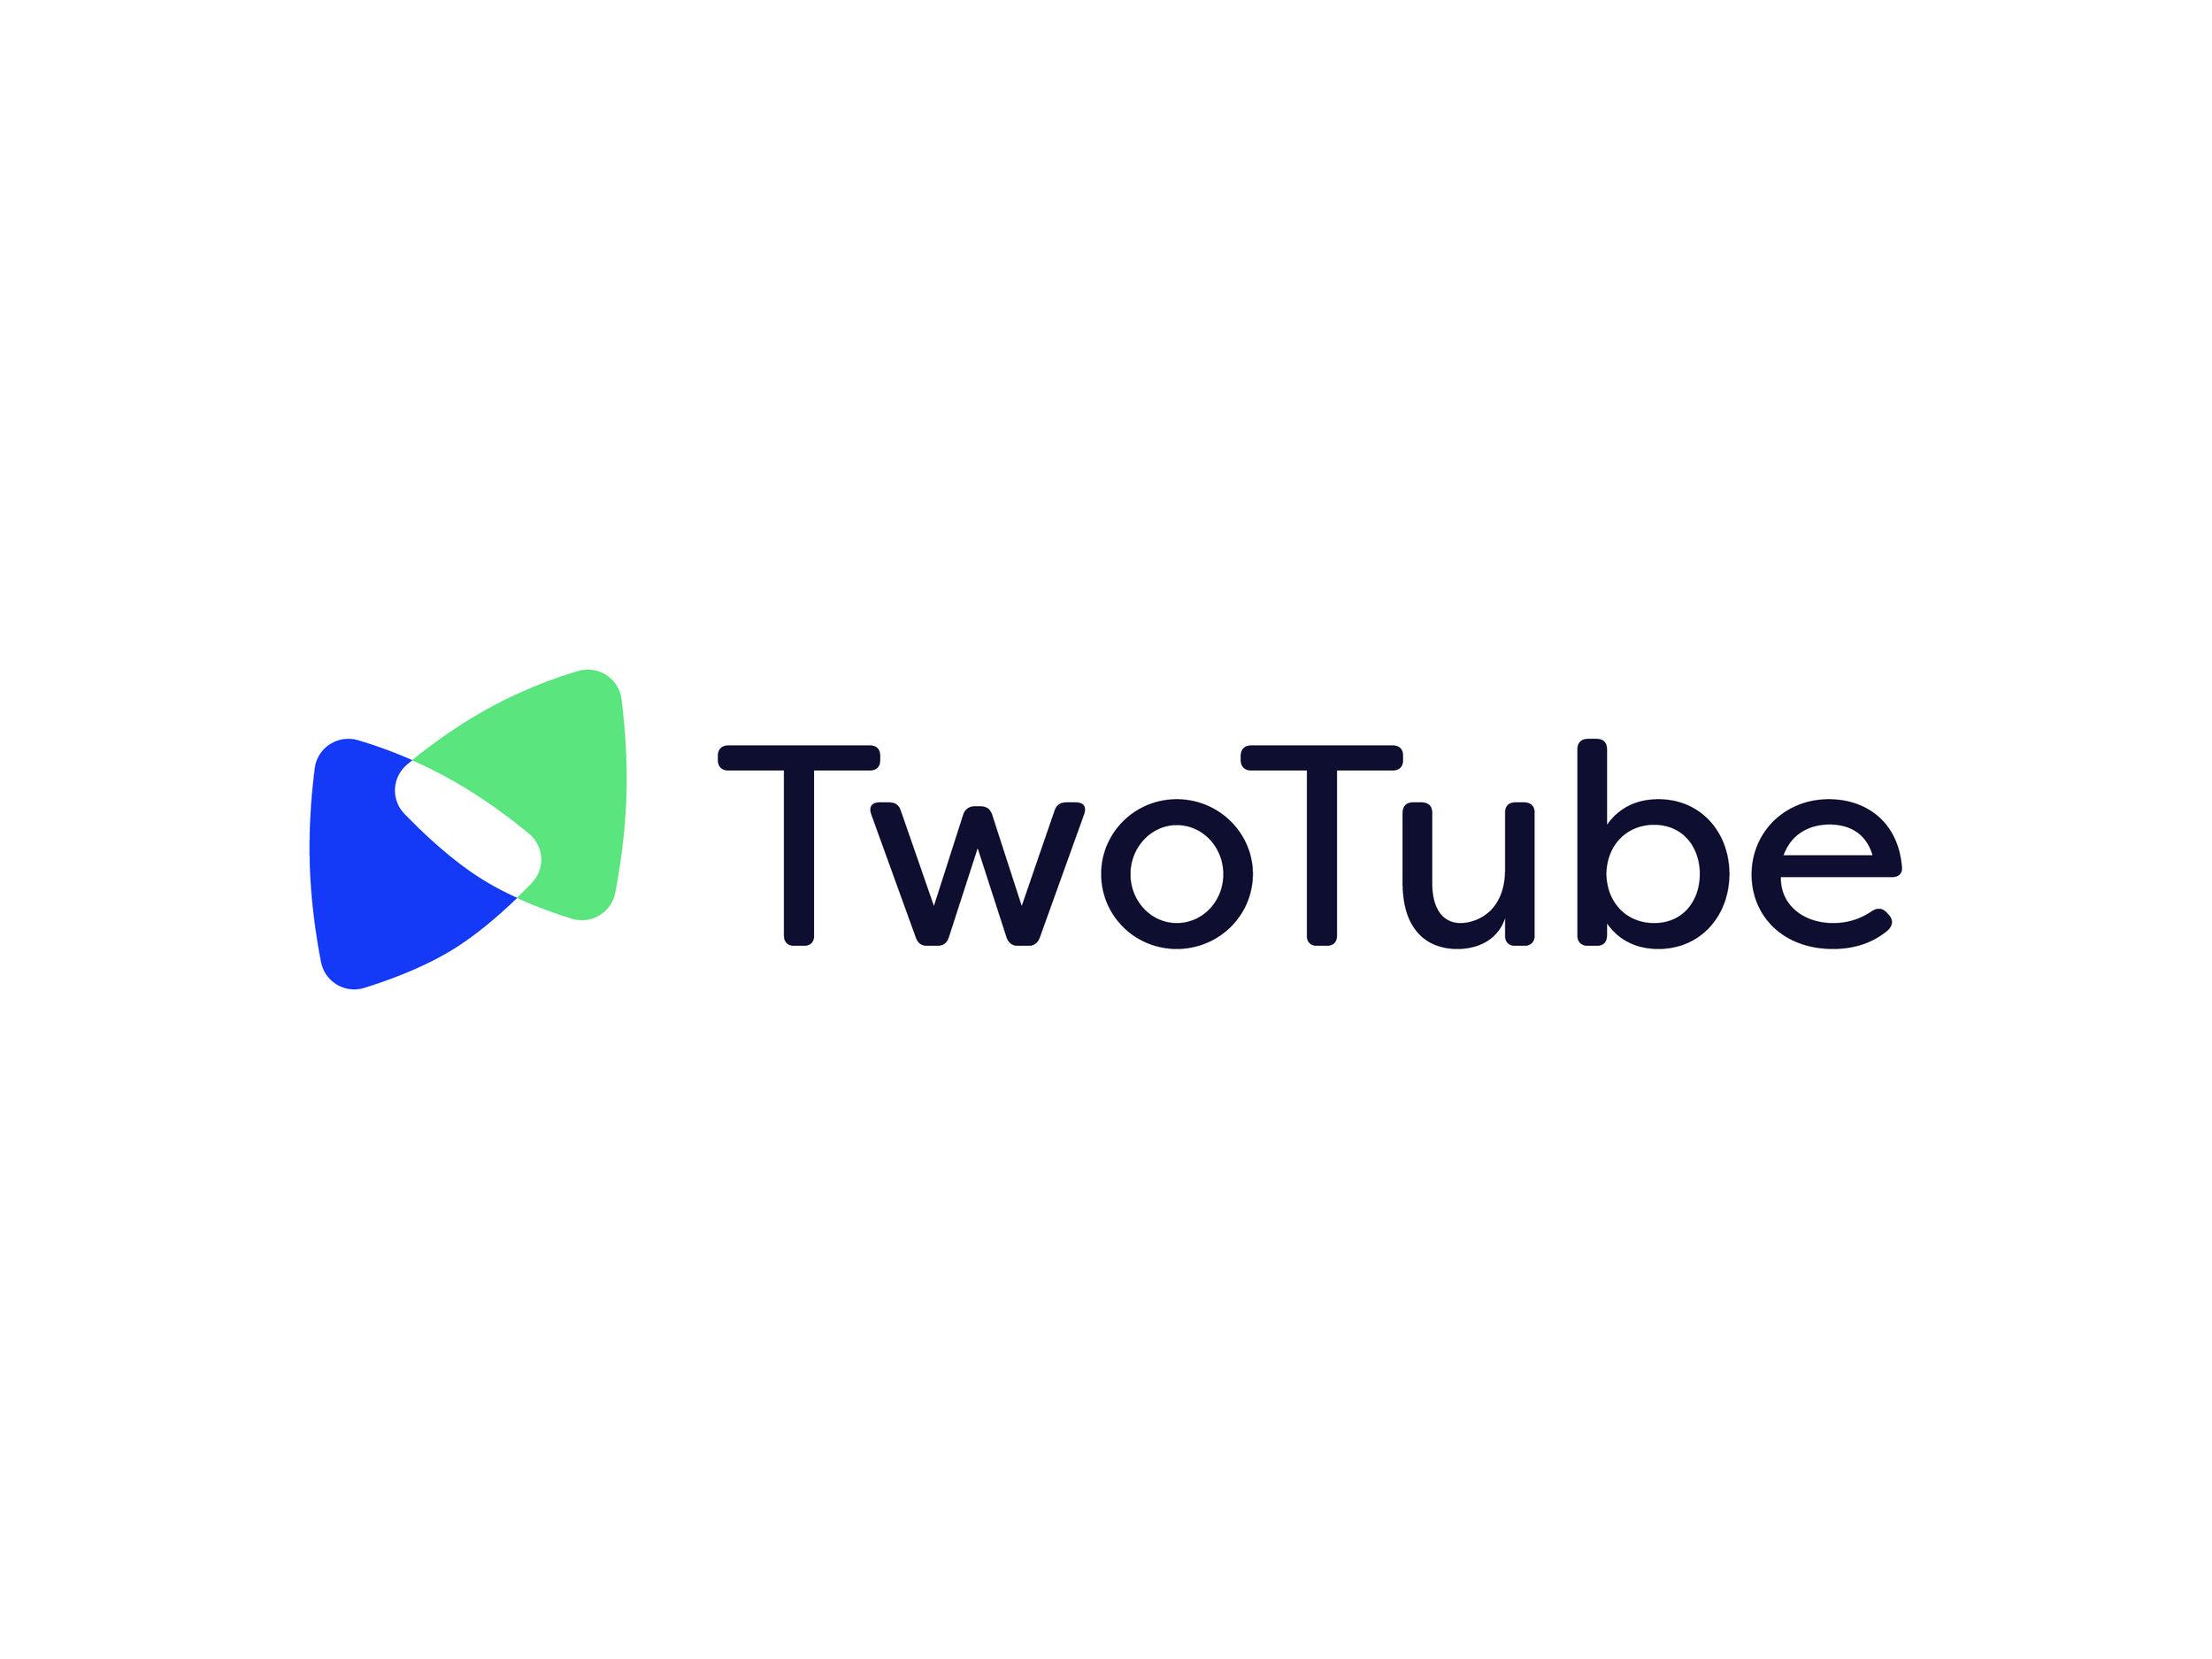 TwoTube-Logo-Website-01.jpg